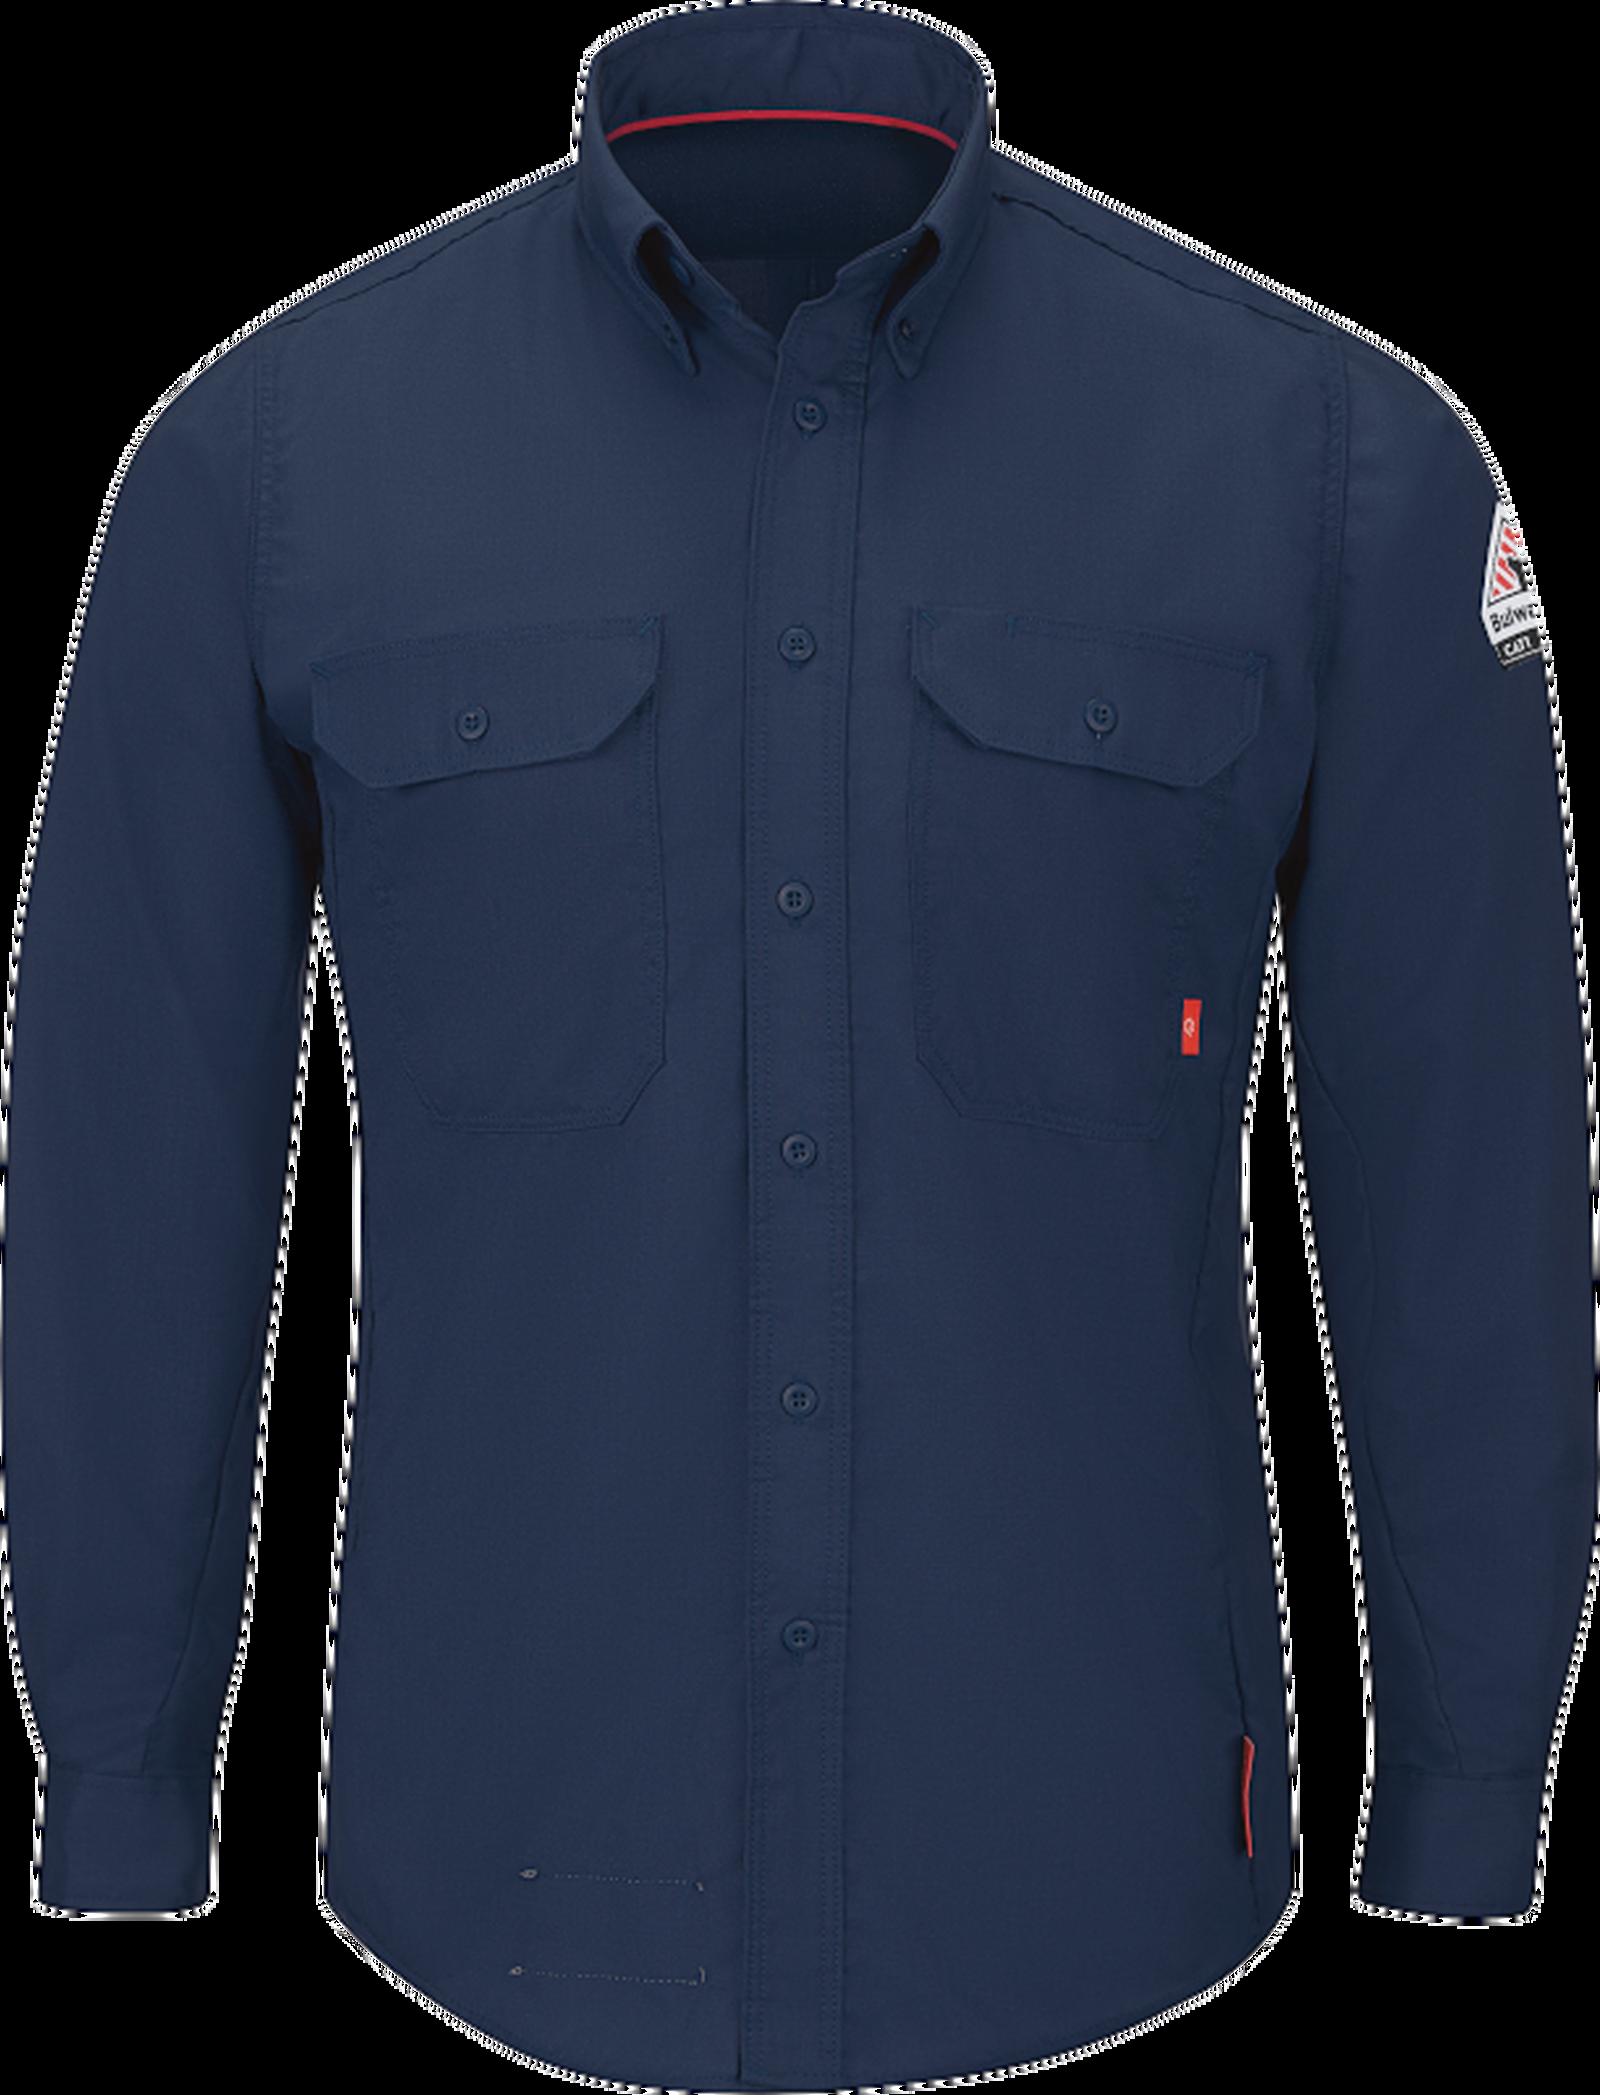 iQ Series® Men's Midweight Comfort Woven Shirt